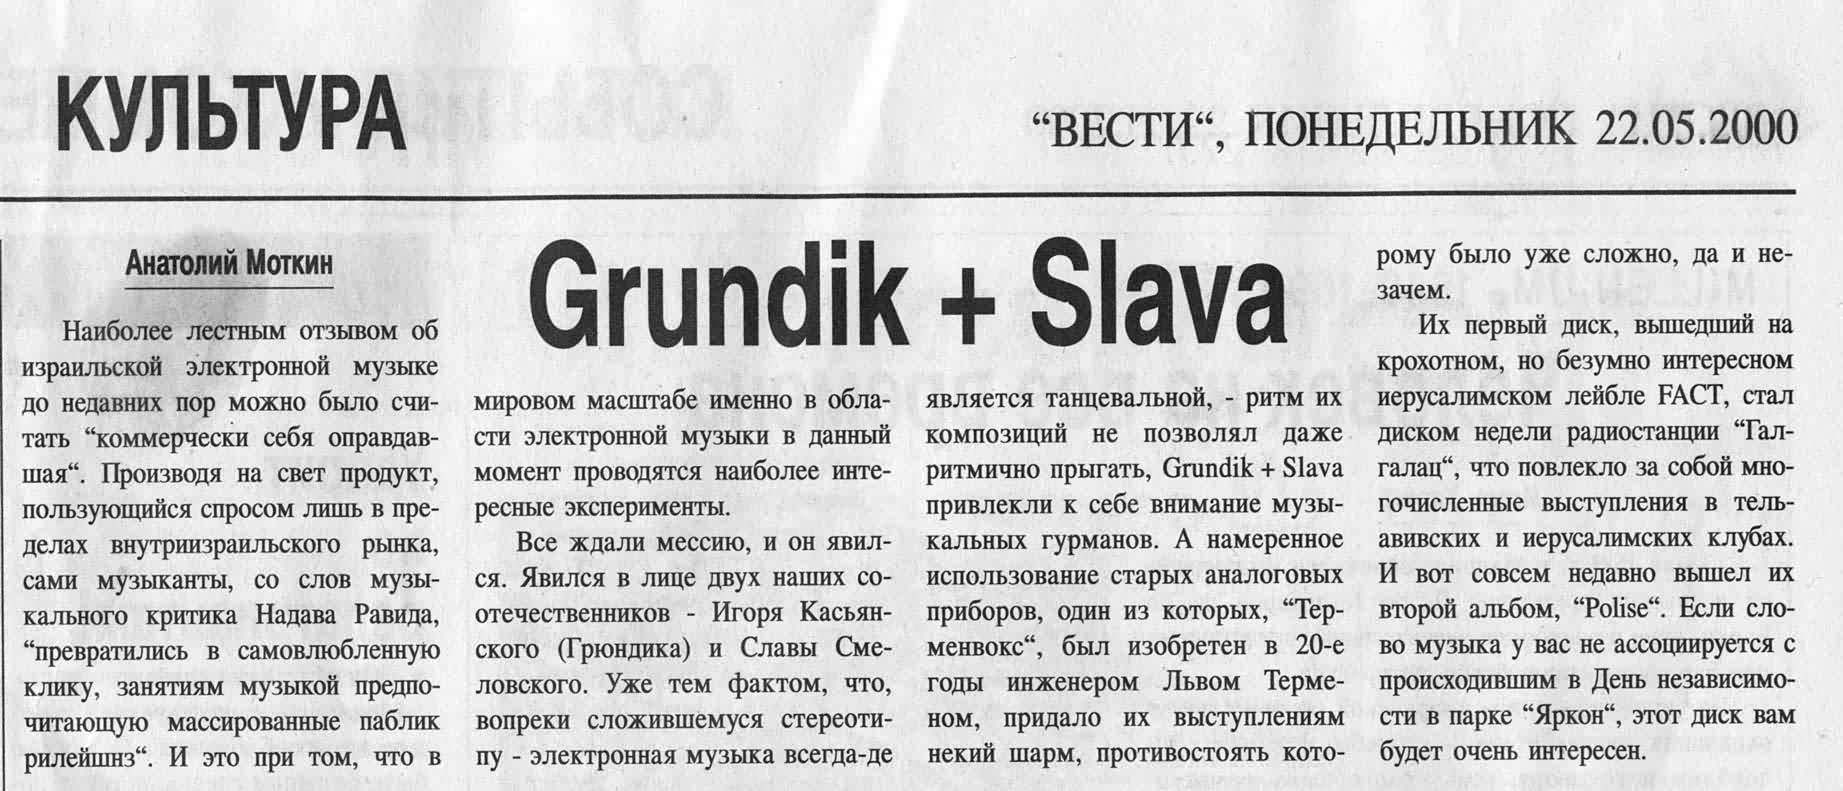 22 05 00 - Vesty, Polise, 05.22.2000